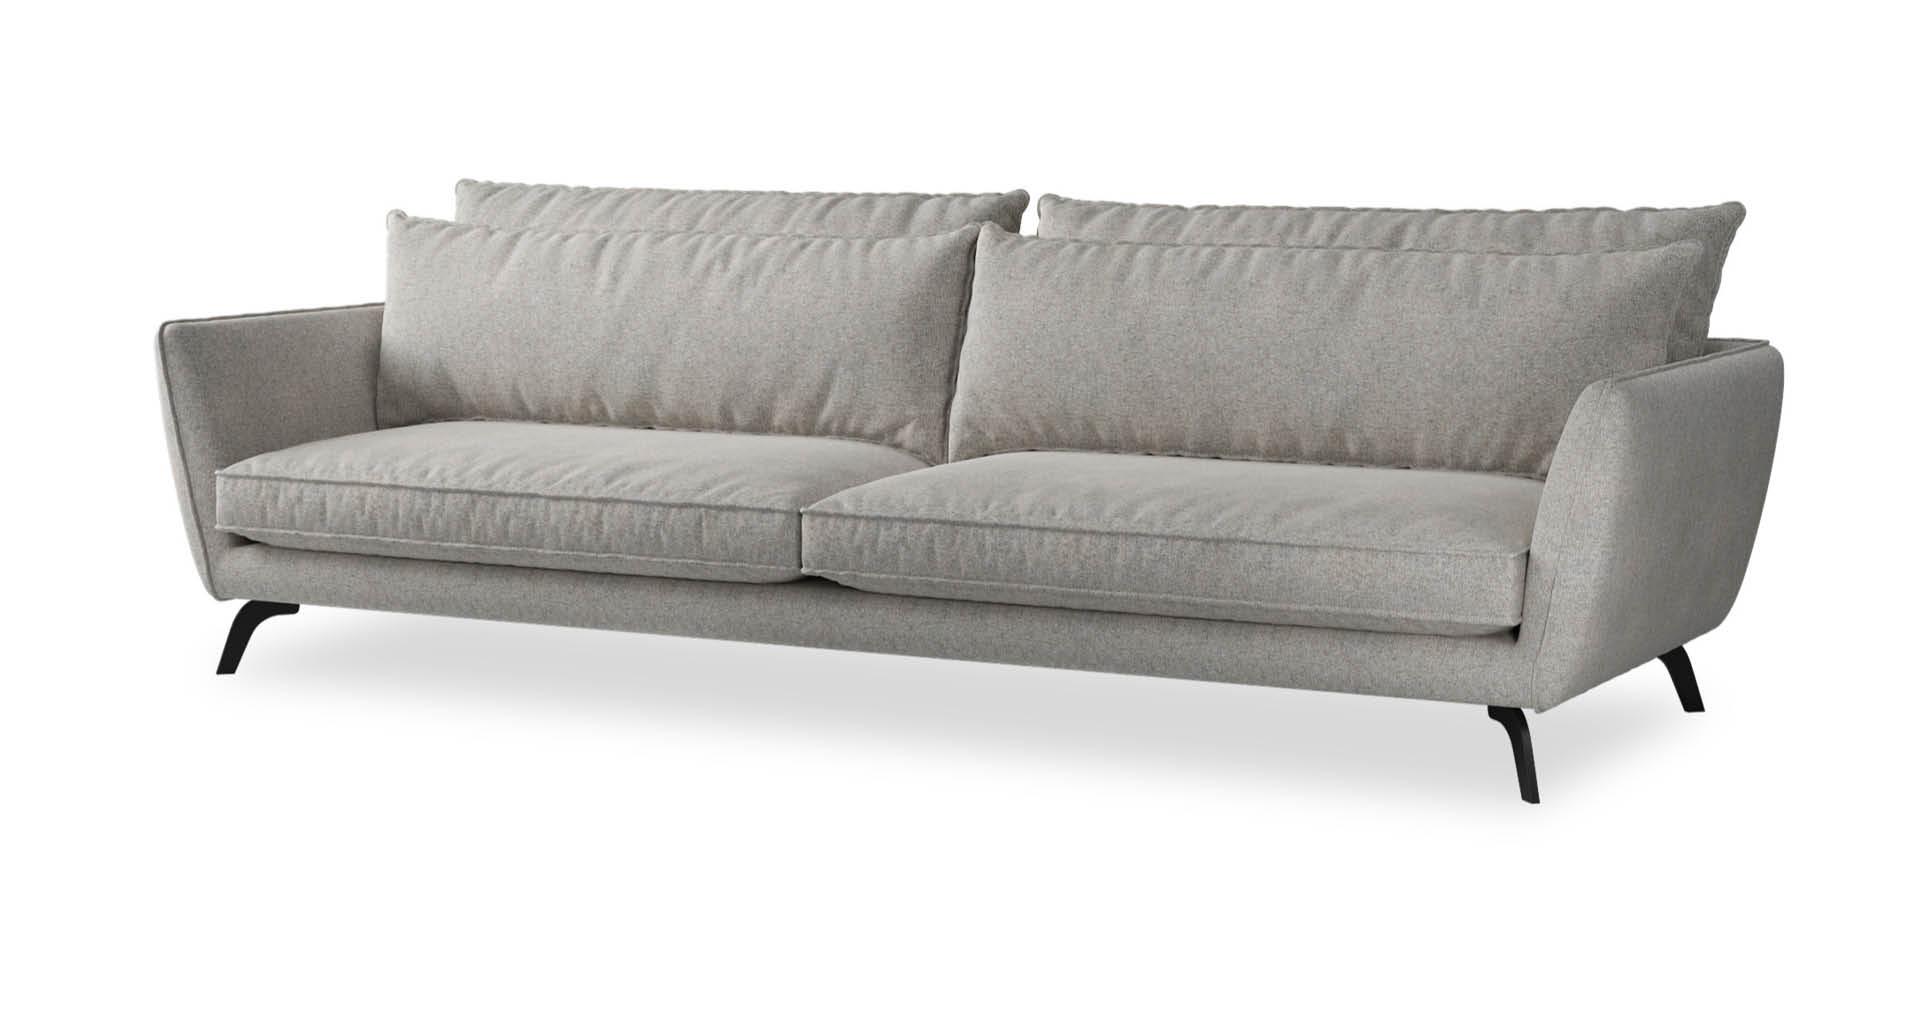 """ספה לאונה 295 ס""""מ בגוון גרייז' פורטובלו"""